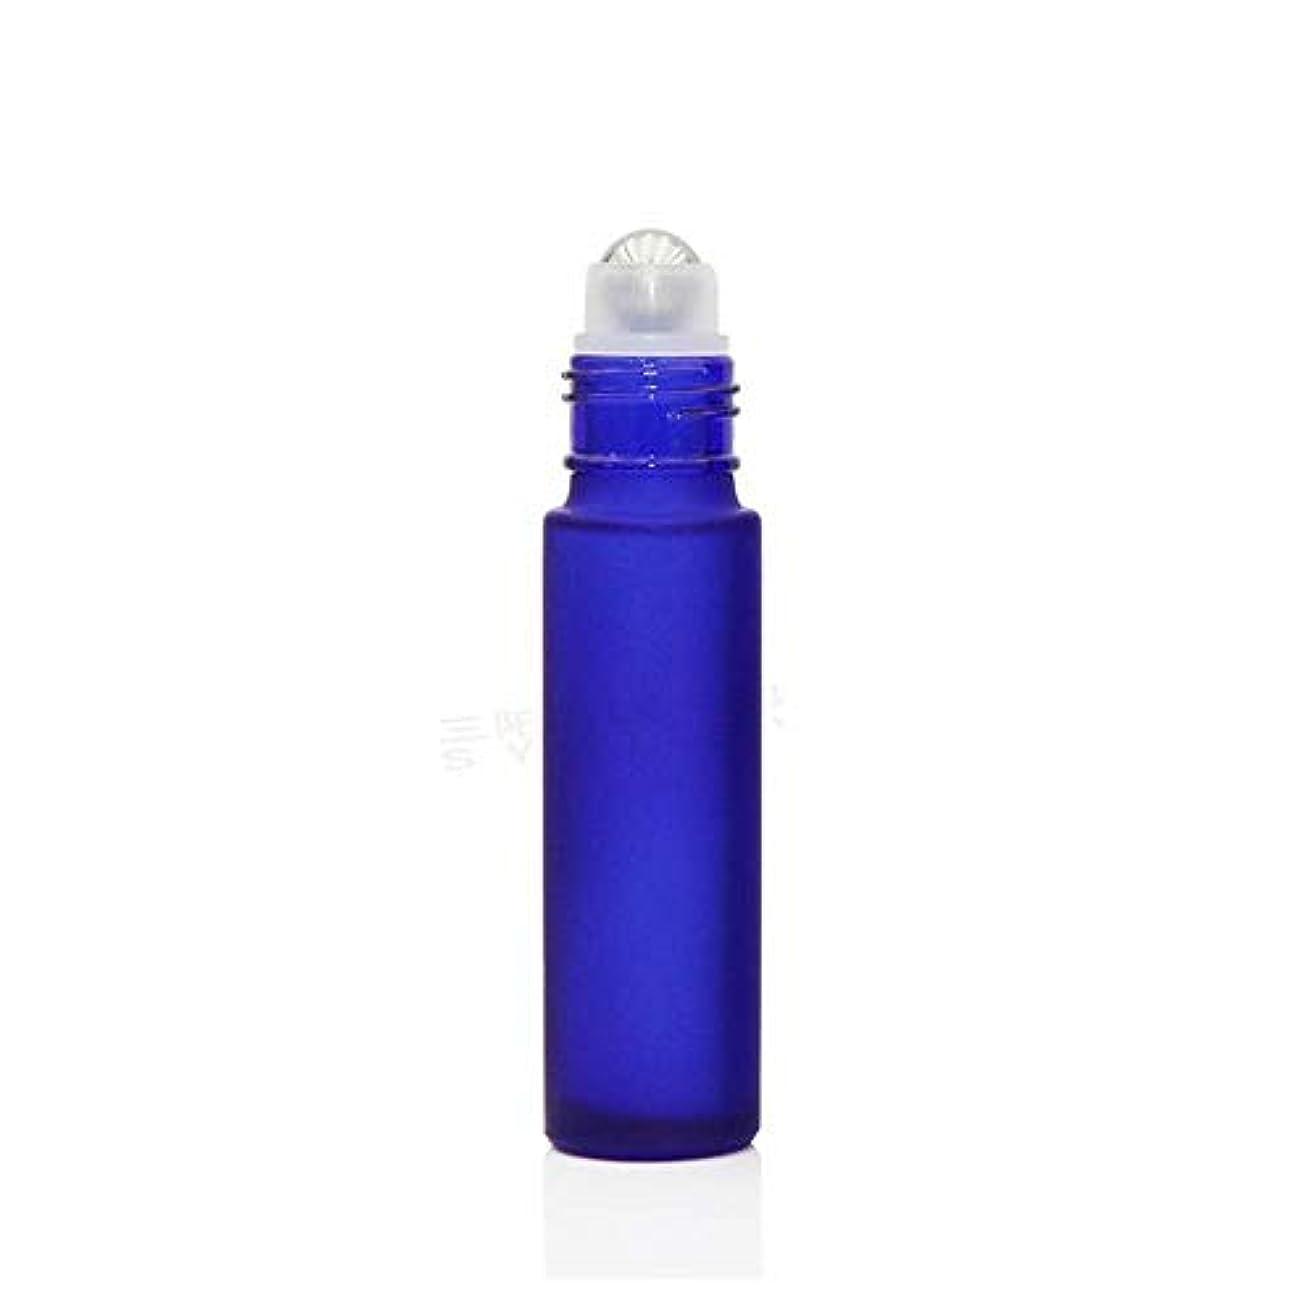 に対応する切手成功したgundoop ロールオンボトル アロマオイル 精油 小分け用 遮光瓶 10ml 10本セット ガラスロールタイプ (ブルー)